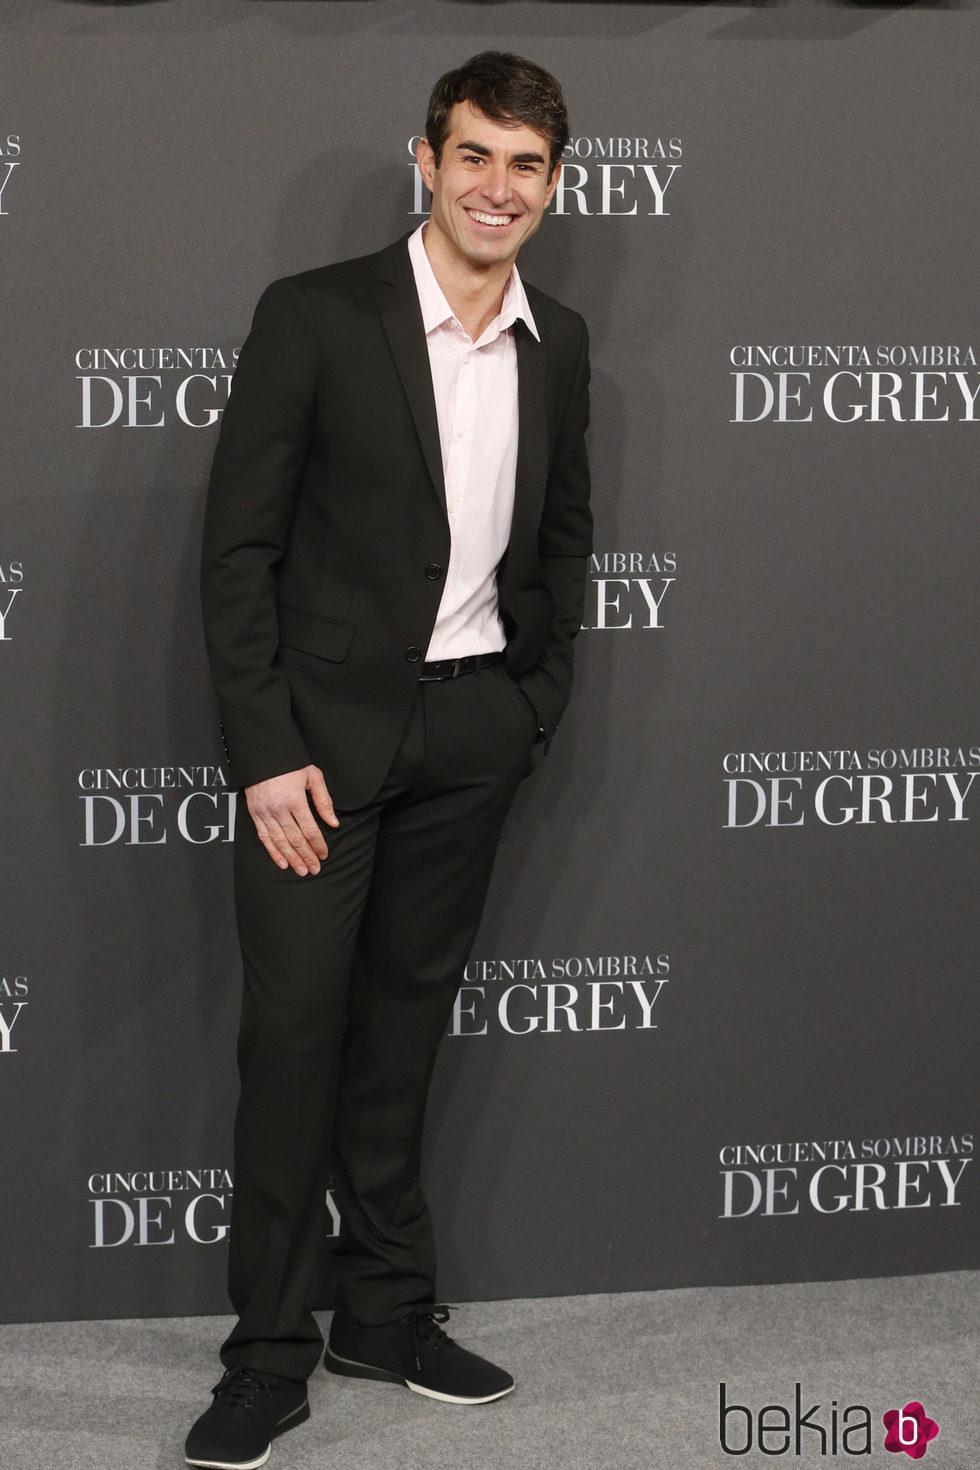 Daniel muriel en el estreno de 39 cincuenta sombras de grey - 50 sombras de grey en espana ...